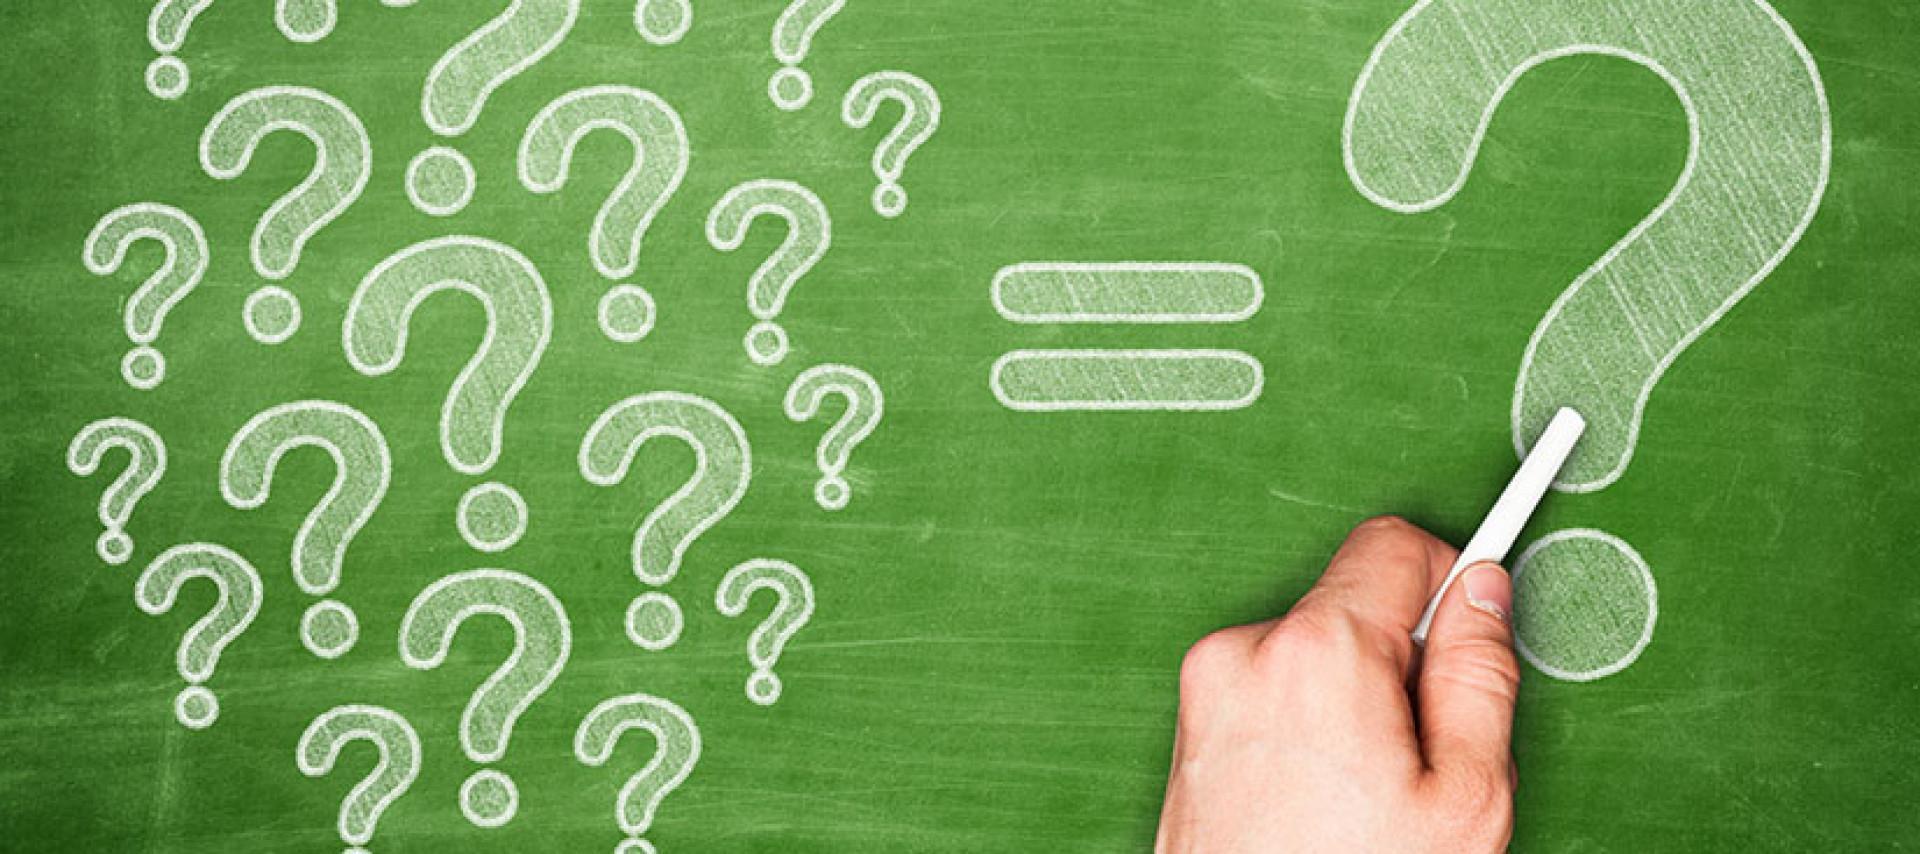 Quais ações de marketing podem ser realizadas por email?